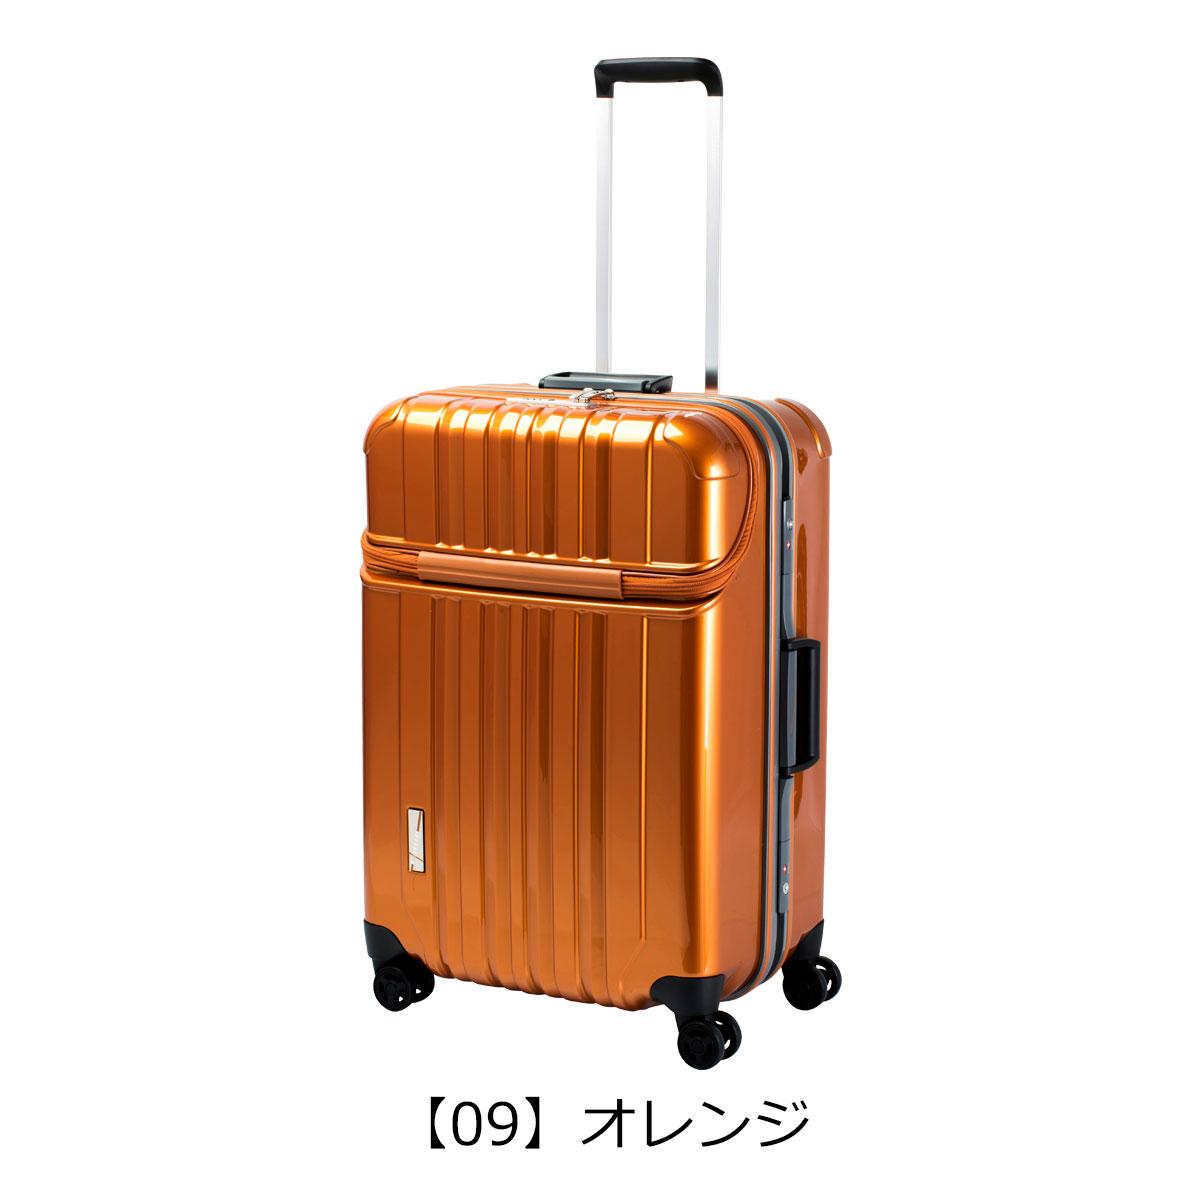 【09】オレンジ